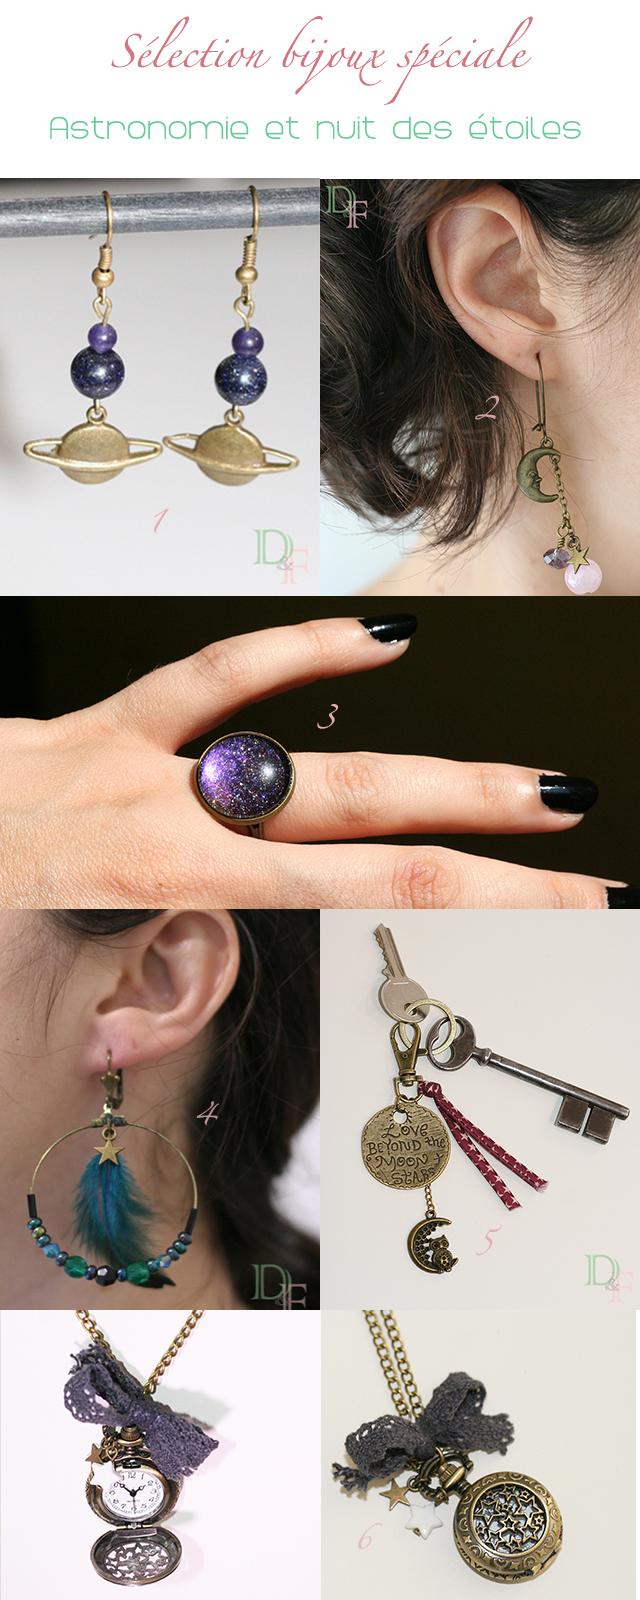 Sélection de bijoux fantaisie spéciale nuit des étoiles, sur le thème de l'astronomie, des planètes, de la Lune et des étoiles.